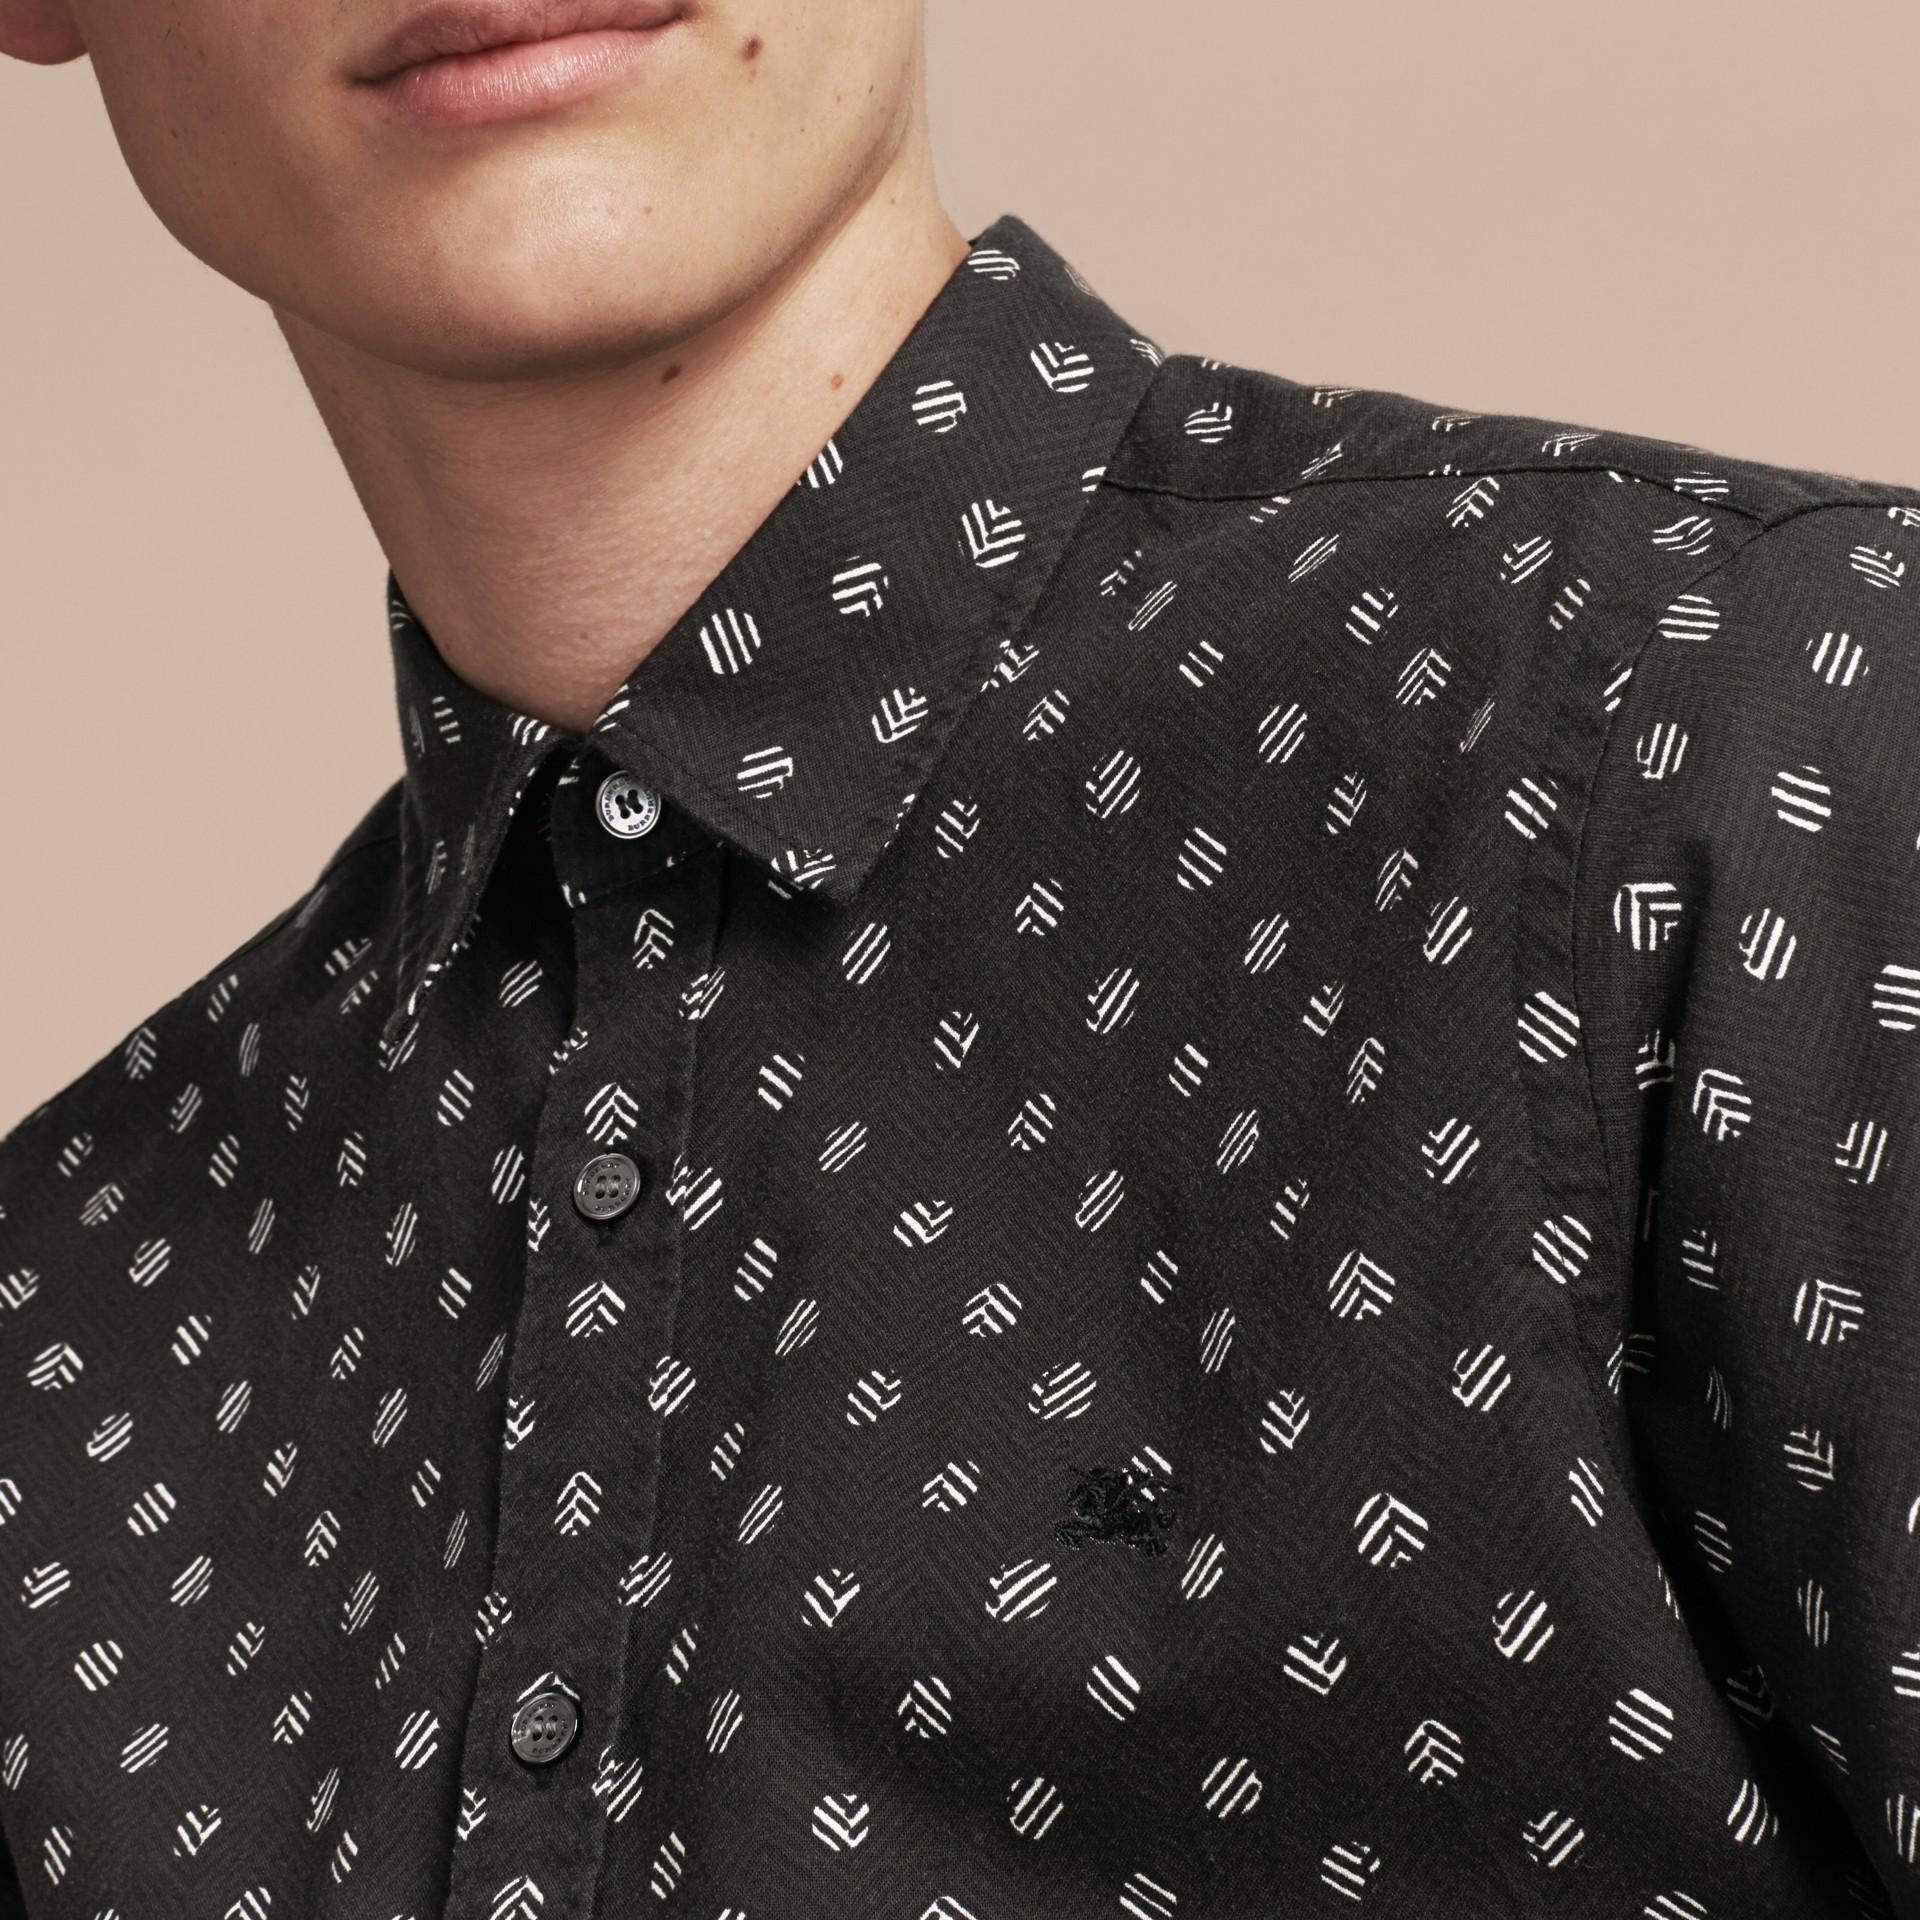 Preto Camisa estampada de linho e algodão com mangas curtas - galeria de imagens 5